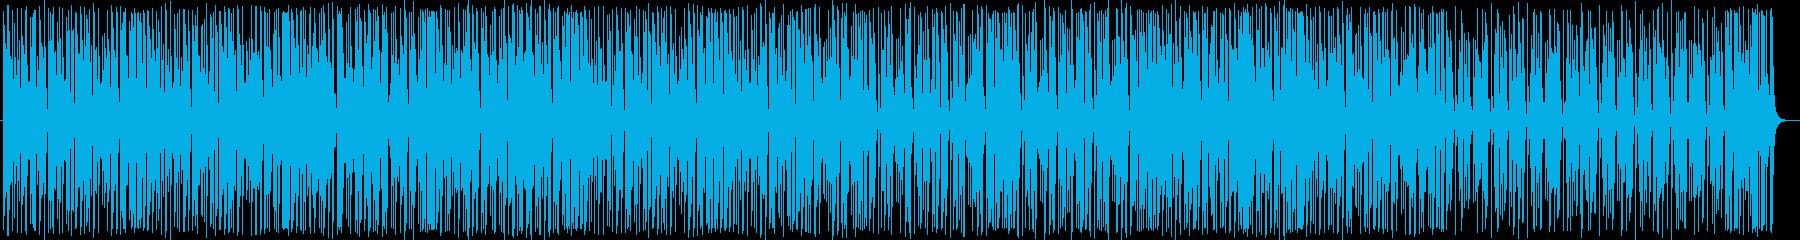 ファンクギターとブラスのポップロックの再生済みの波形